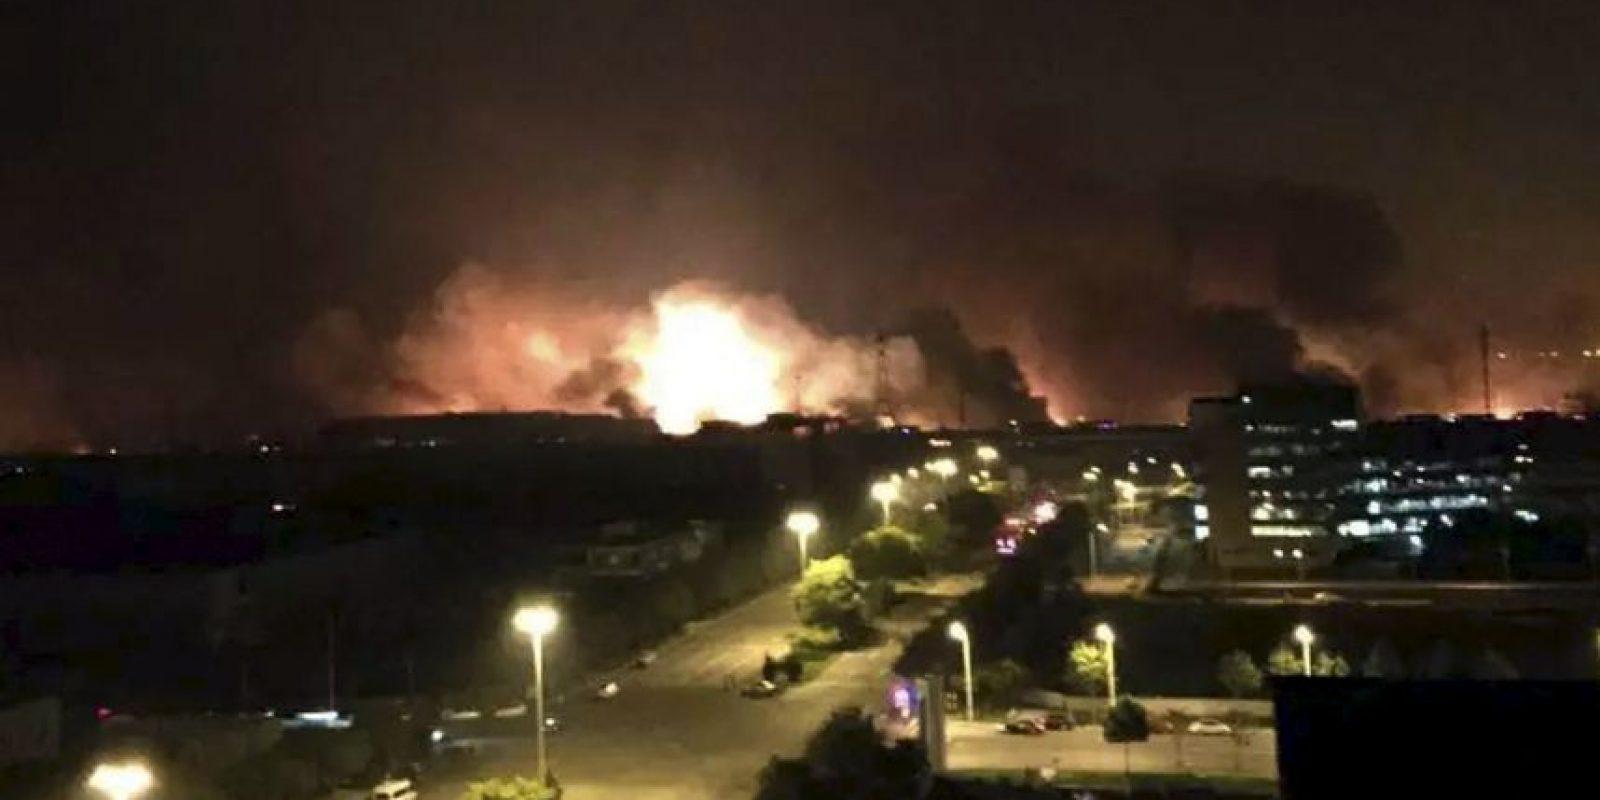 La explosión ocurrió la noche del miércoles en un municipio de China. Foto:AP